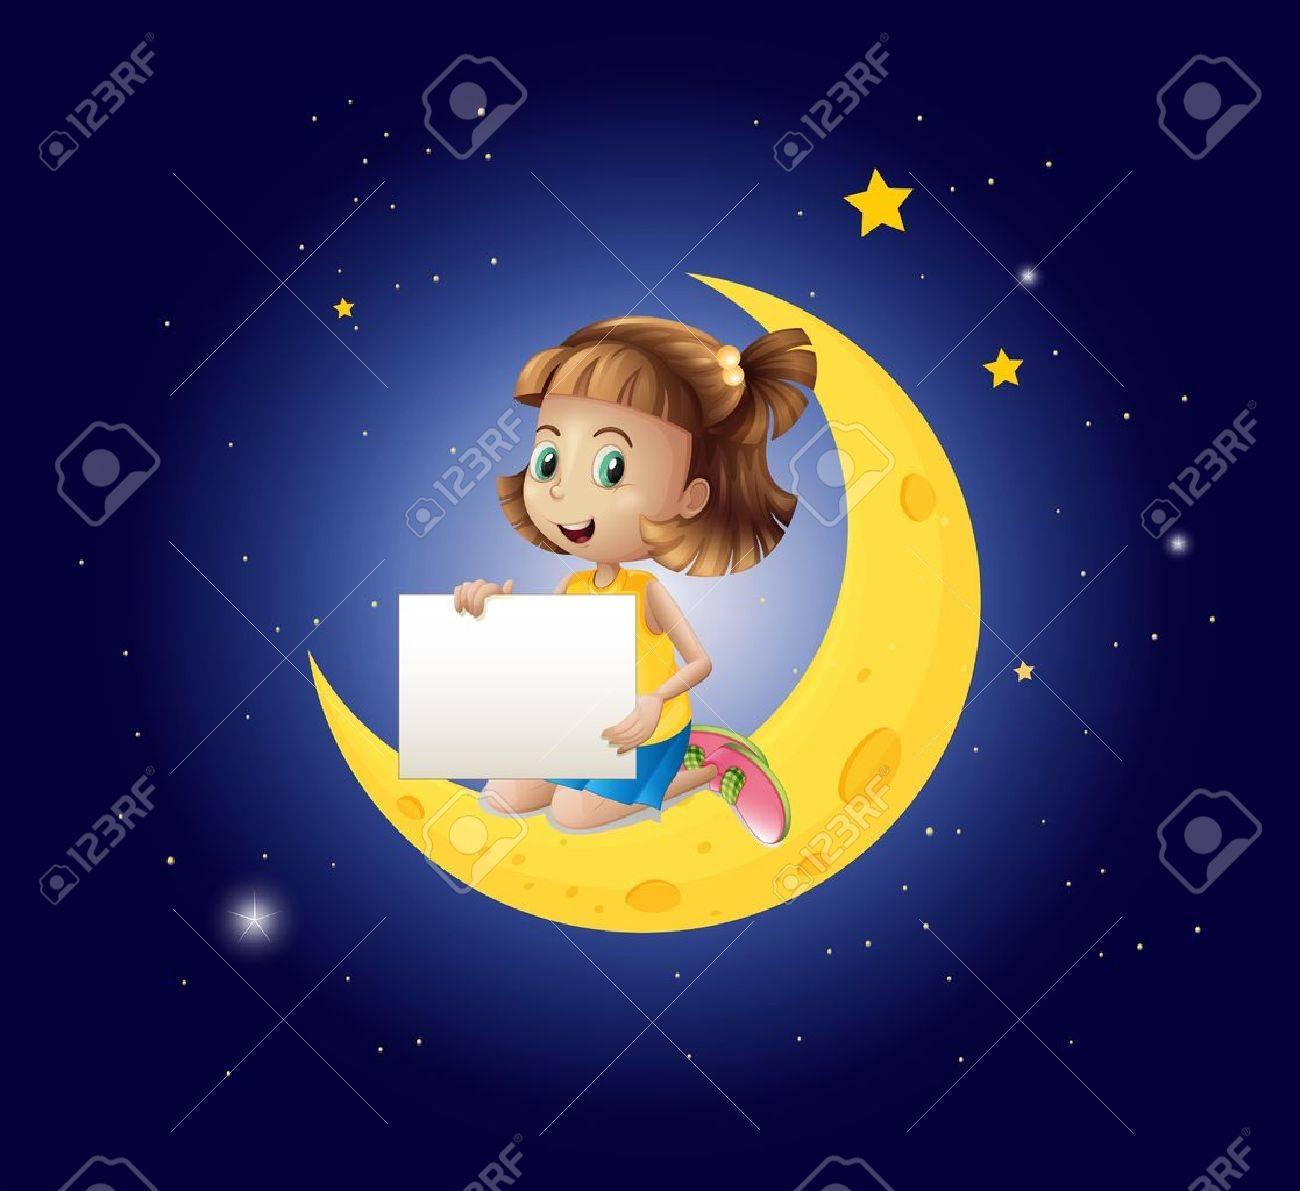 空の看板で月面上の女の子のイラストのイラスト素材ベクタ Image